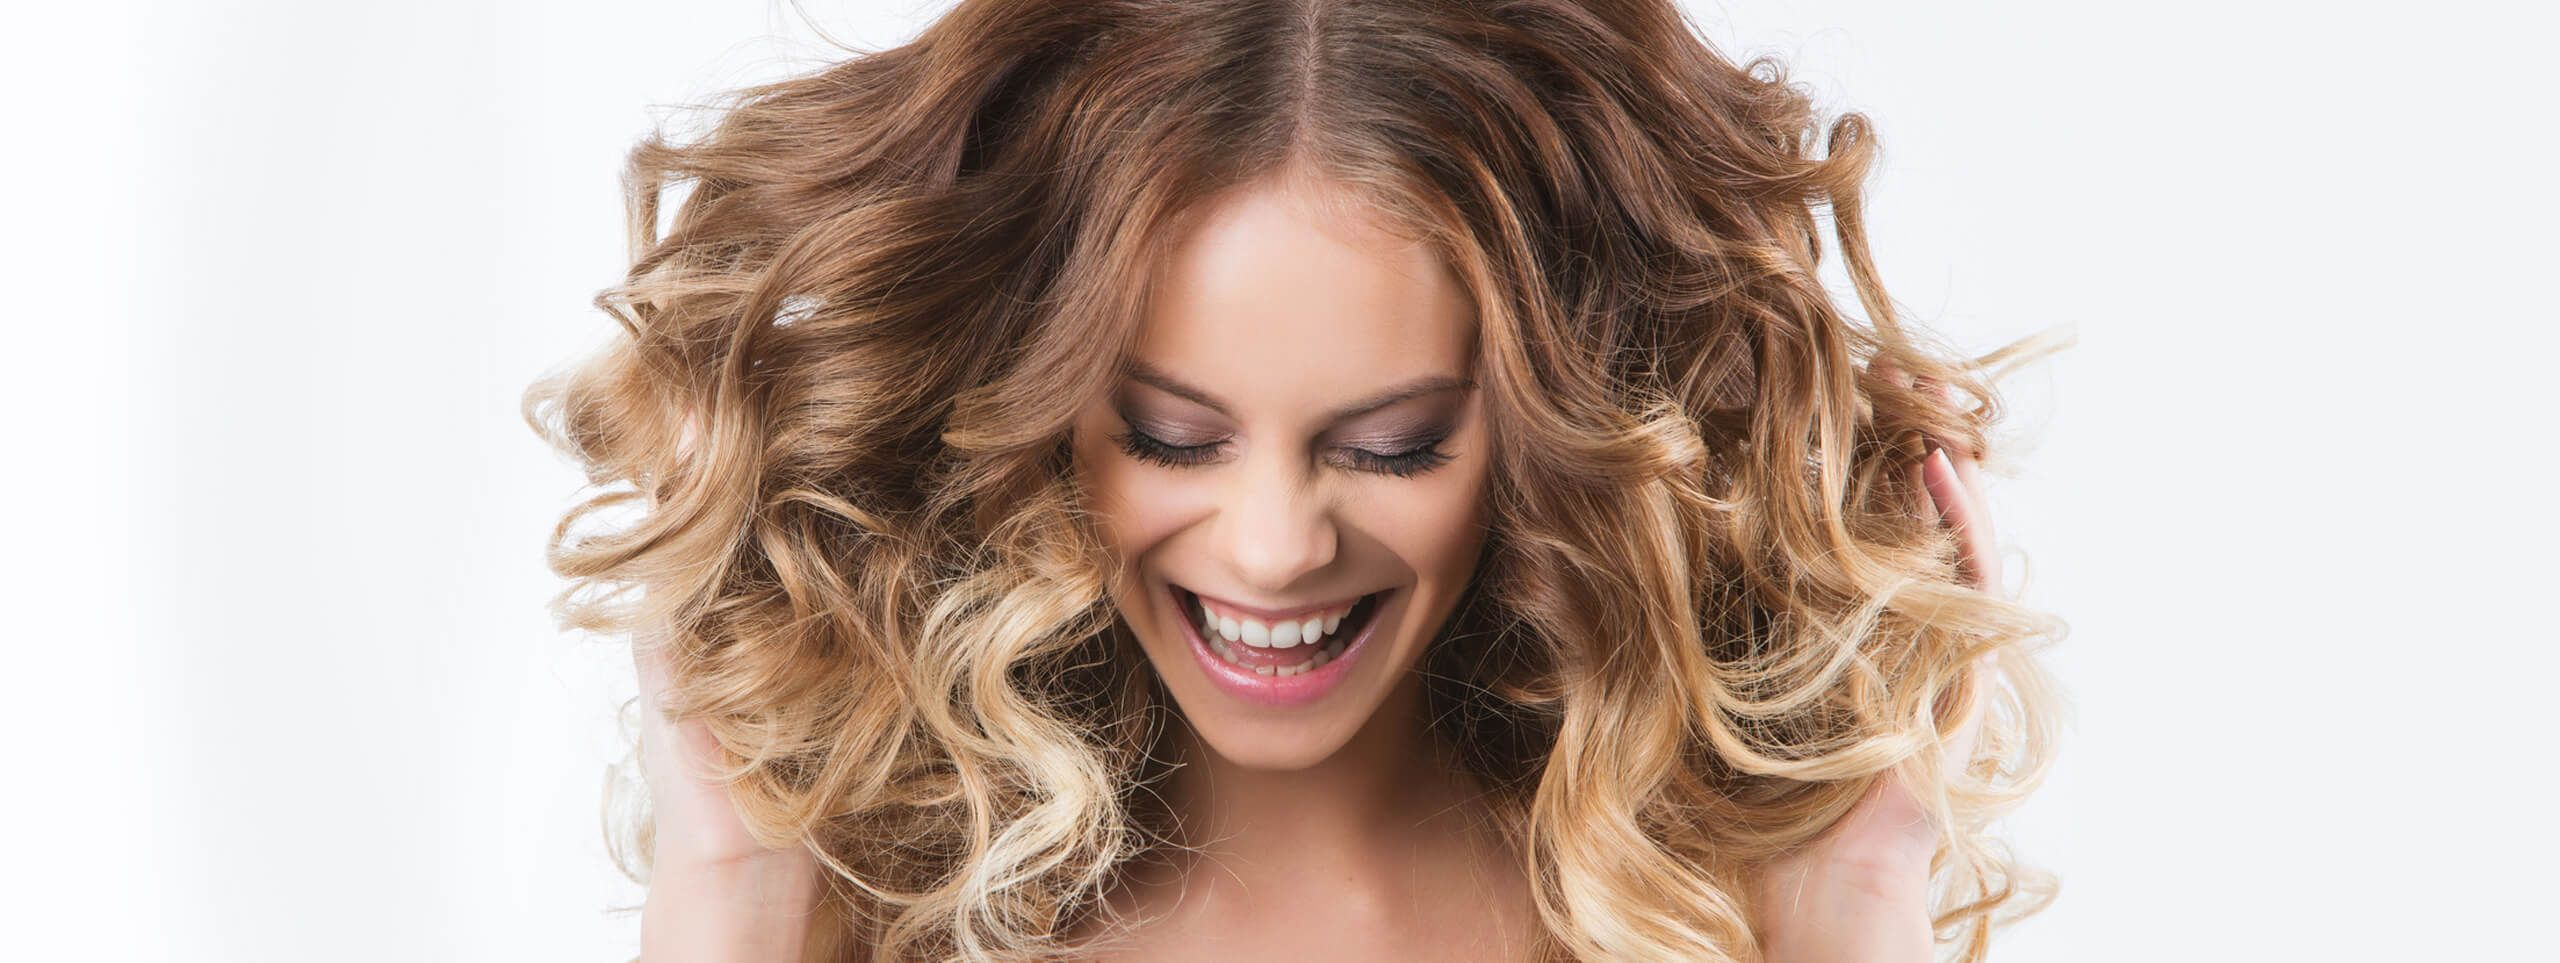 Femme souriante avec pointes colorées